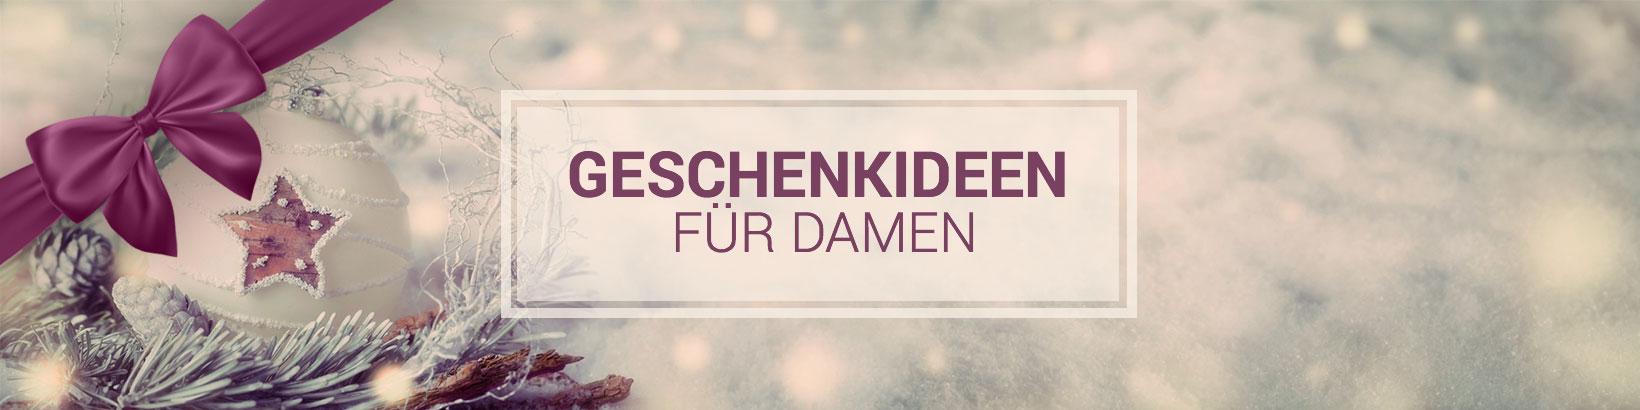 Visual-Weihnachent-Geschenke-Damen-1640x410